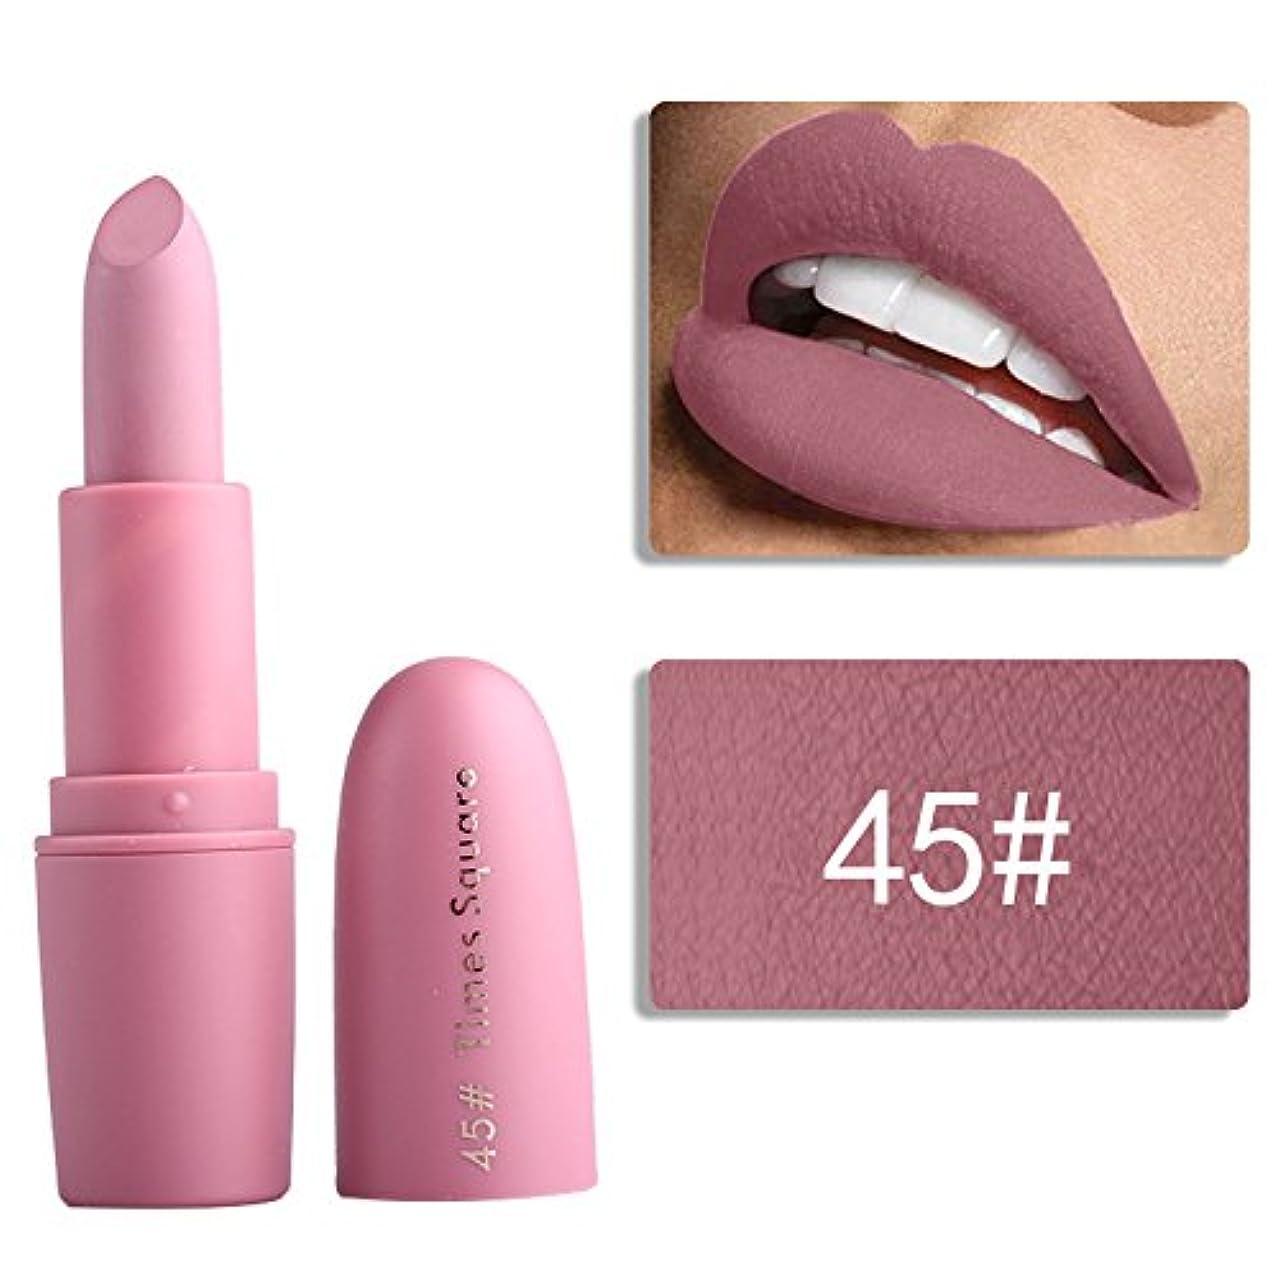 公爵宇宙船故障Miss Rose Nude Lipstick 22 colors Waterproof Vampire Brown Beauty Baby Lips Batom Matte lipstick Makeup Tats Eugenie...